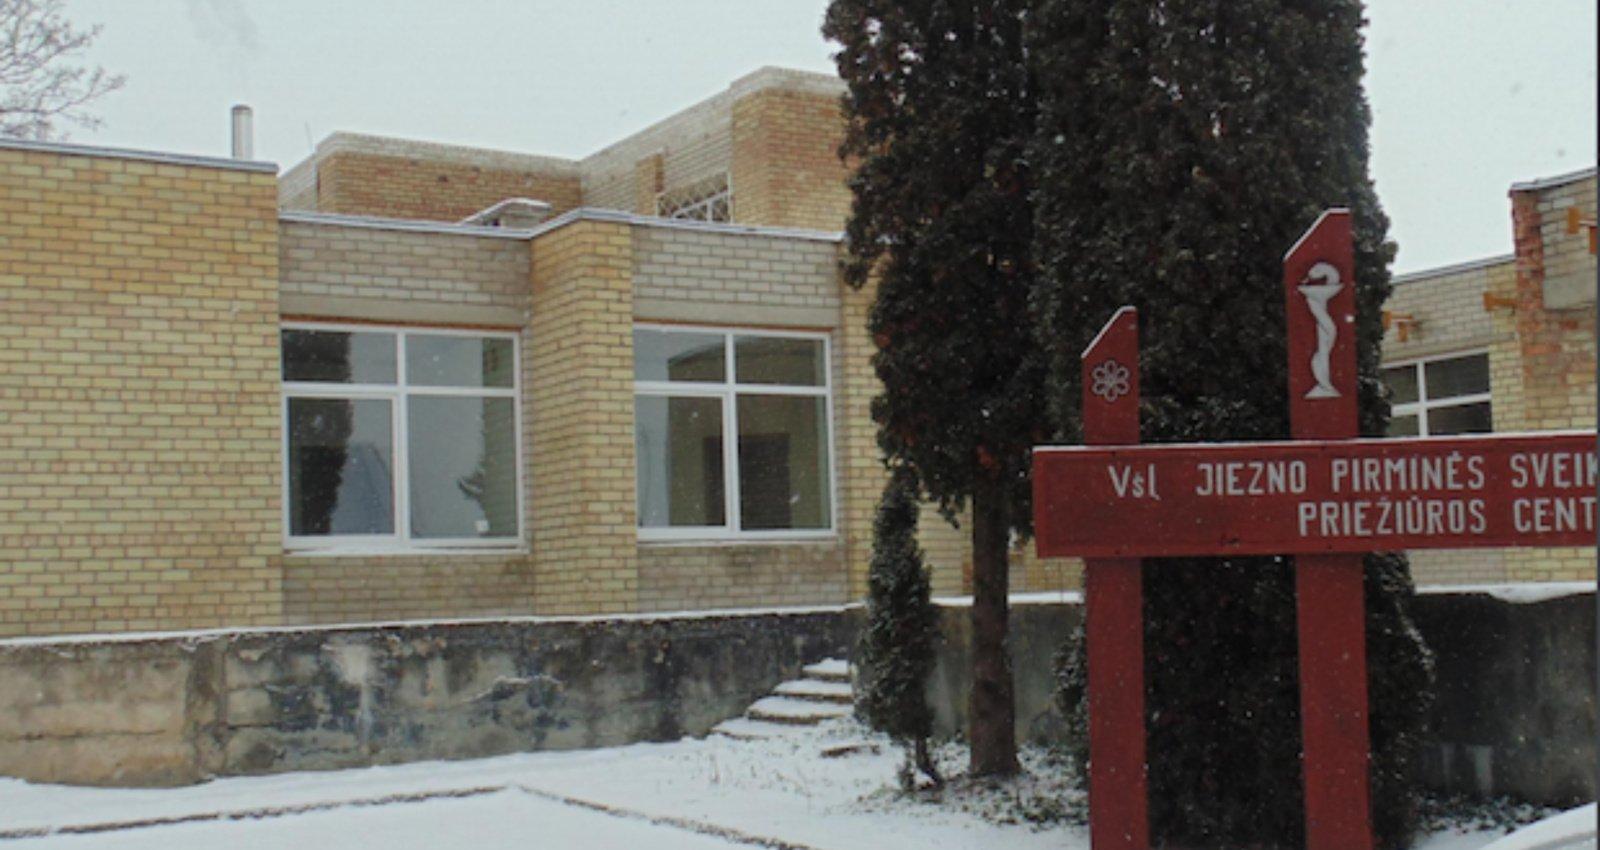 Stakliškių ir Jiezno pirminės sveikatos priežiūros centrai bus sujungti į vieną įstaigą